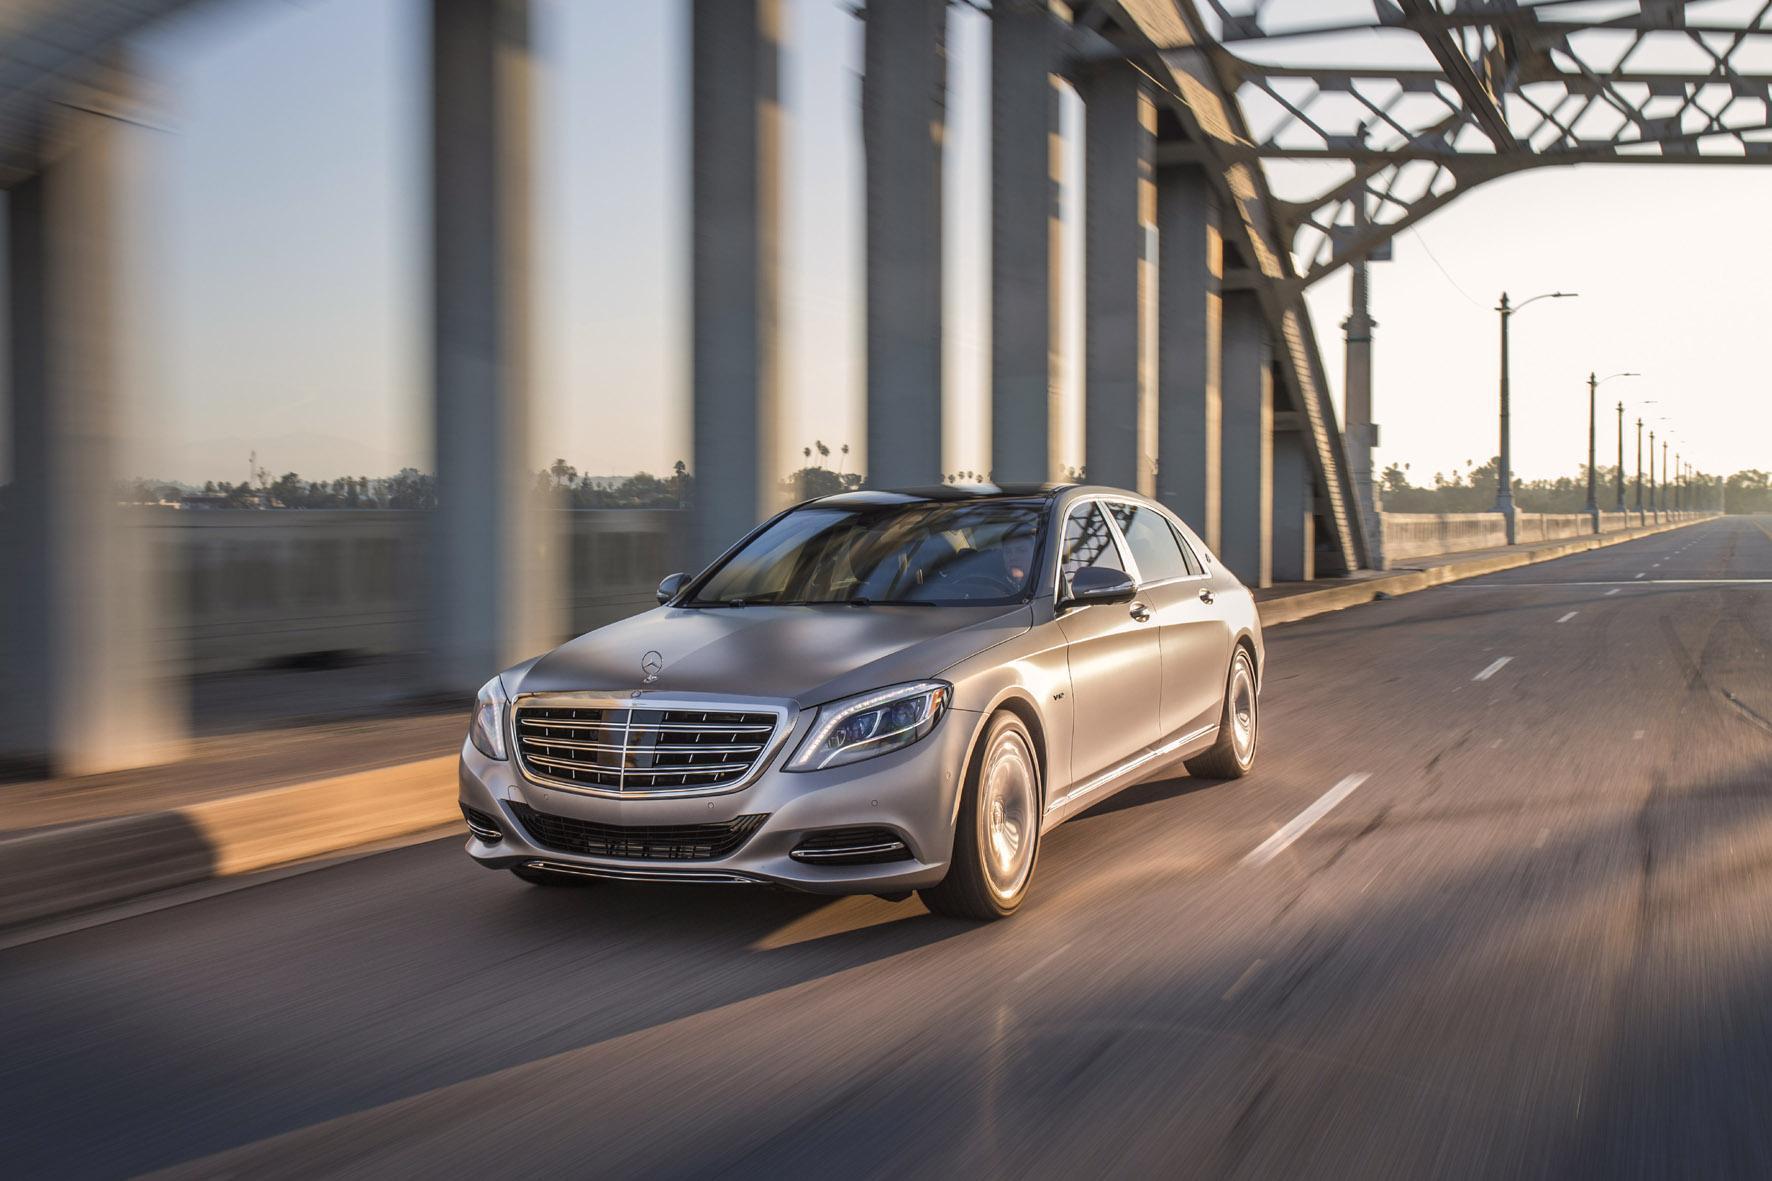 Peking mid - Der Mercedes-Maybach trifft den Geschmack der Chinesen. Jeden Monat werden im Reich der Mitte mehr als 500 Exemplare der Luxus-Limousine verkauft.